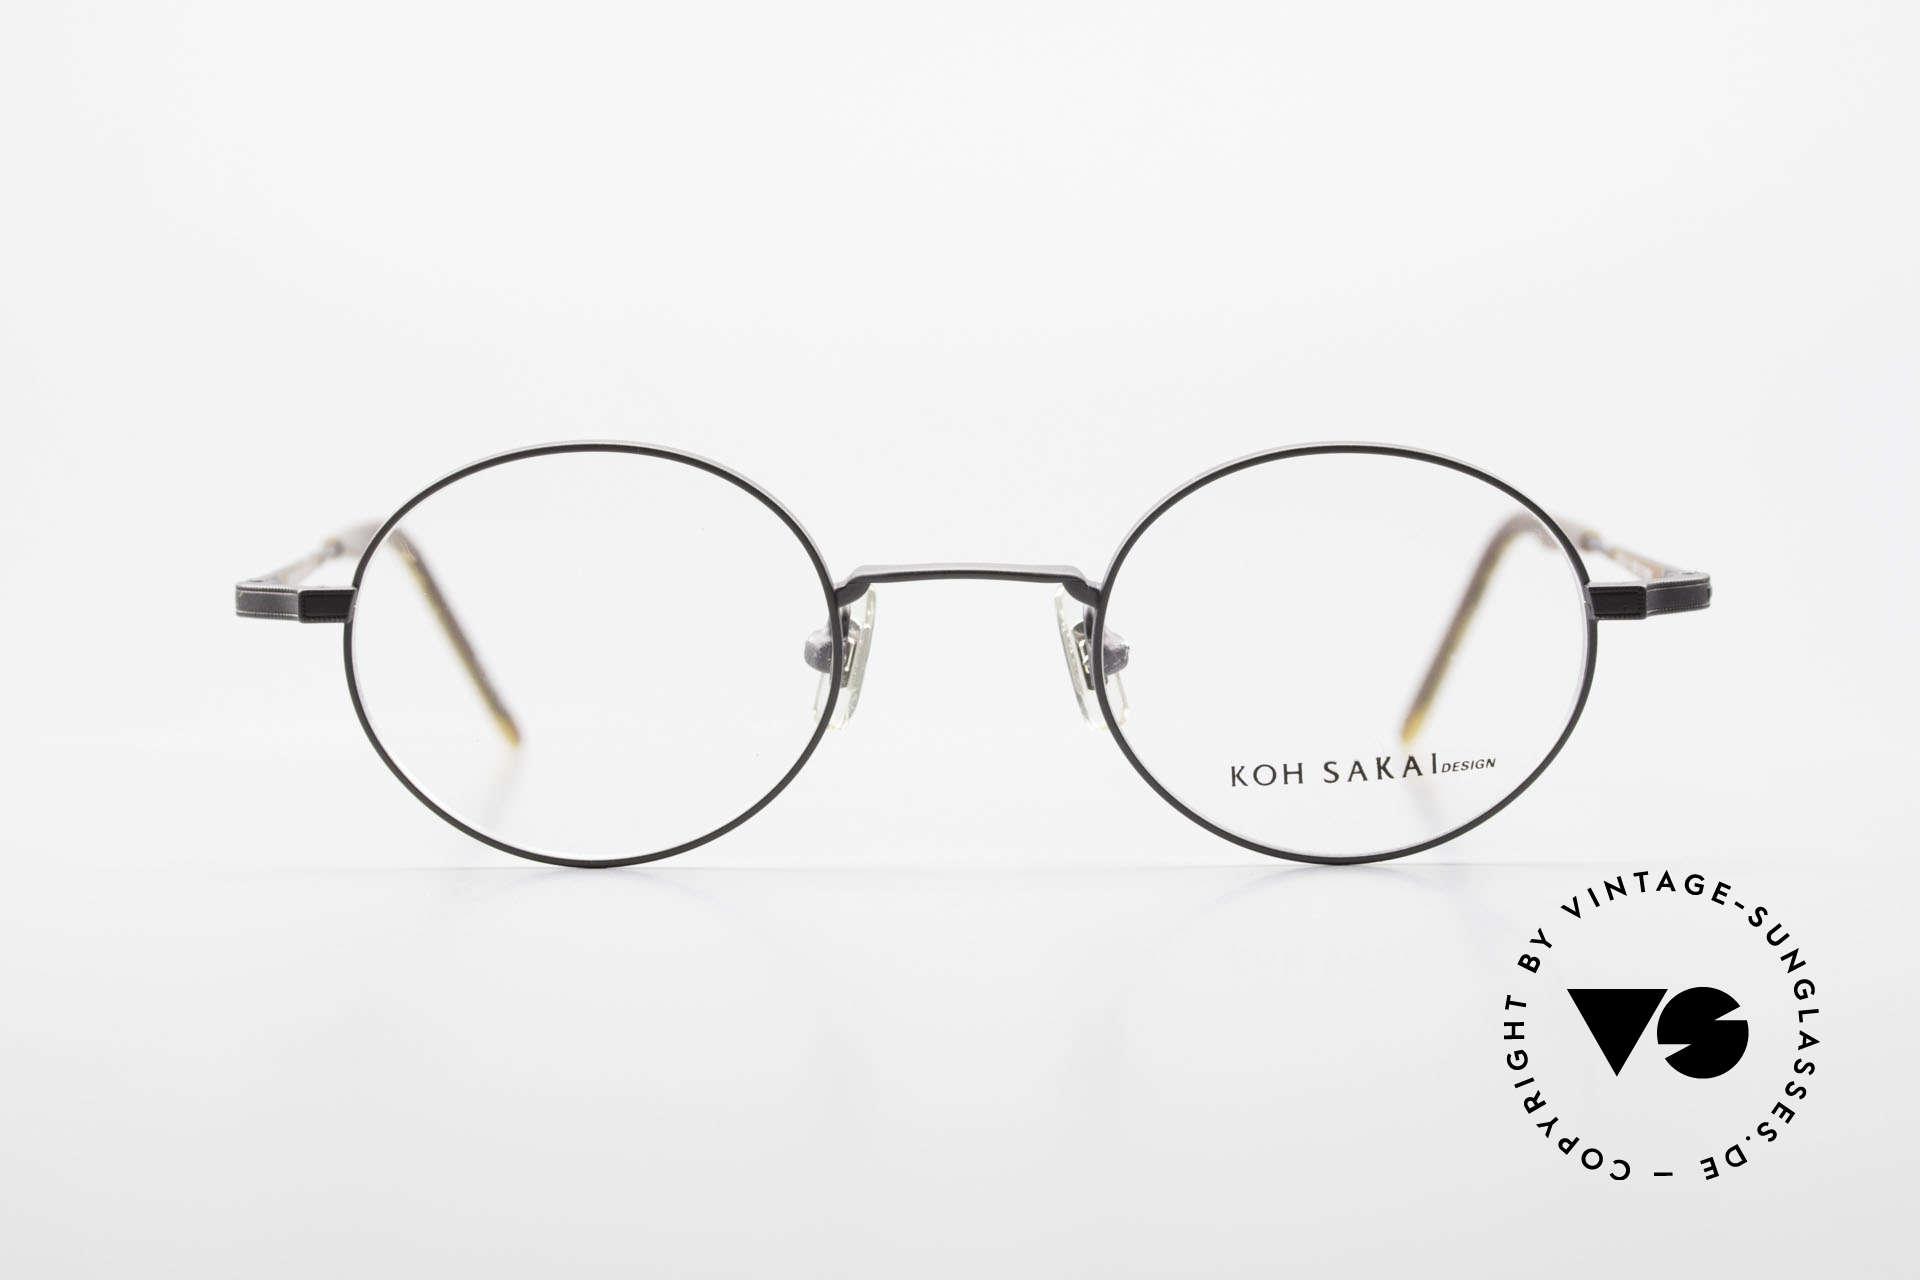 Koh Sakai KS9700 Runde Brille mit Sonnen-Clip, Größe: small, Passend für Herren und Damen